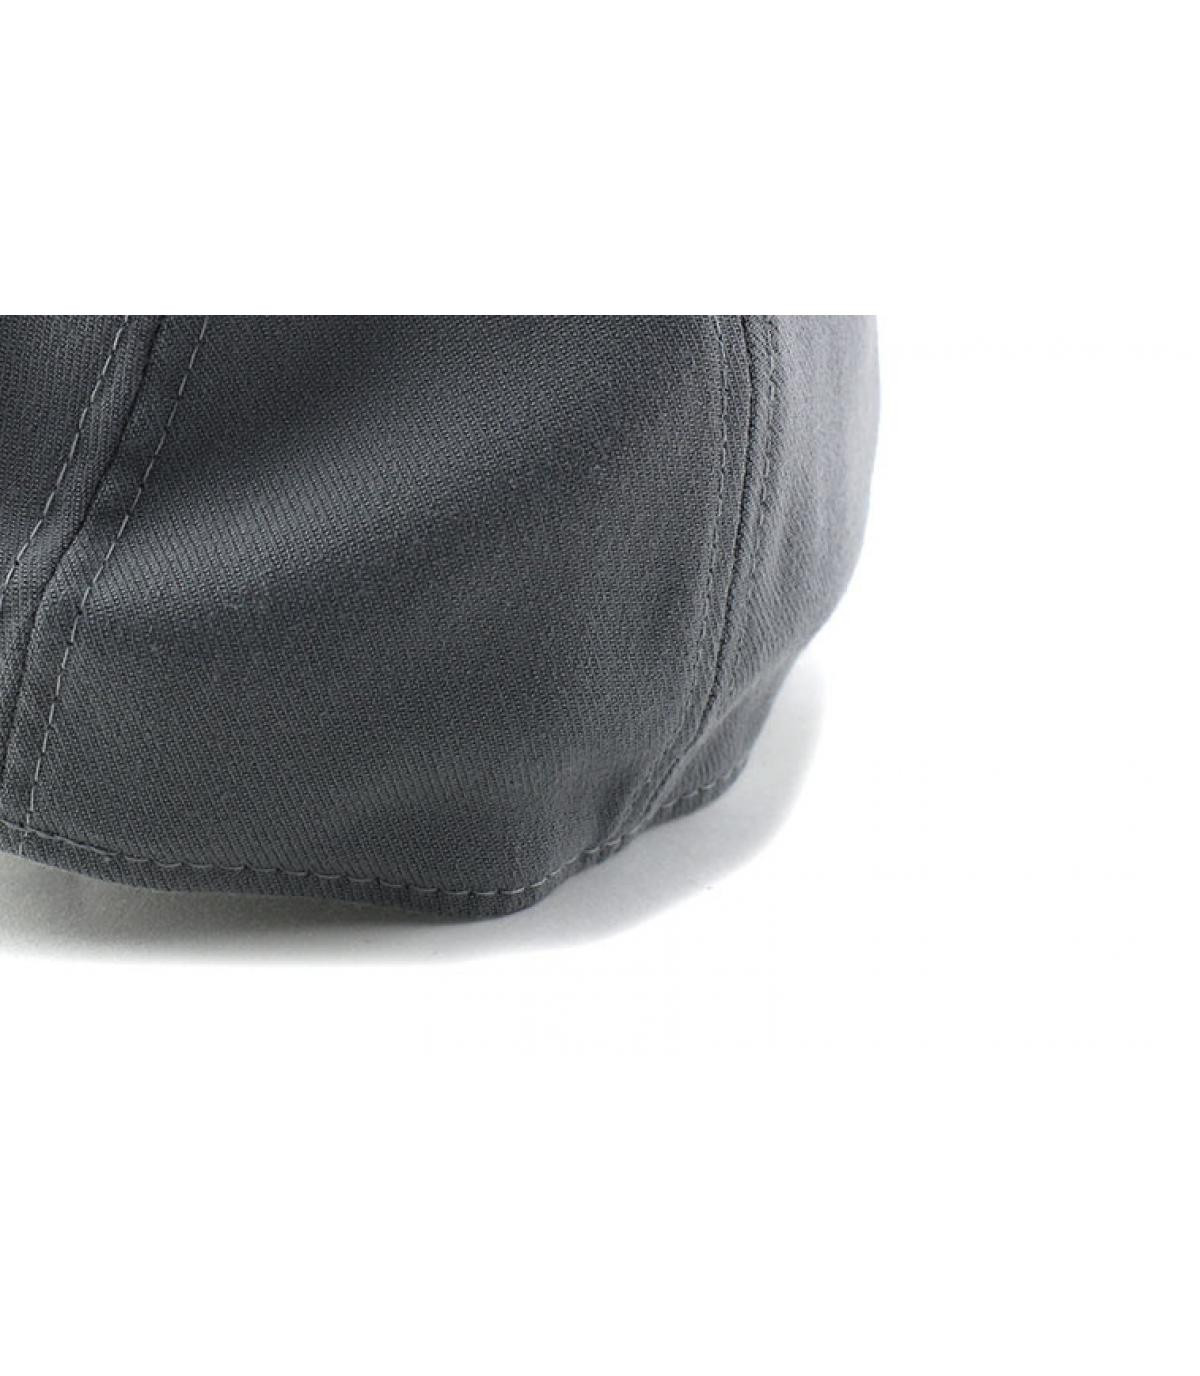 Détails Casquette NY Flock Logo Stretch graphite black - image 5